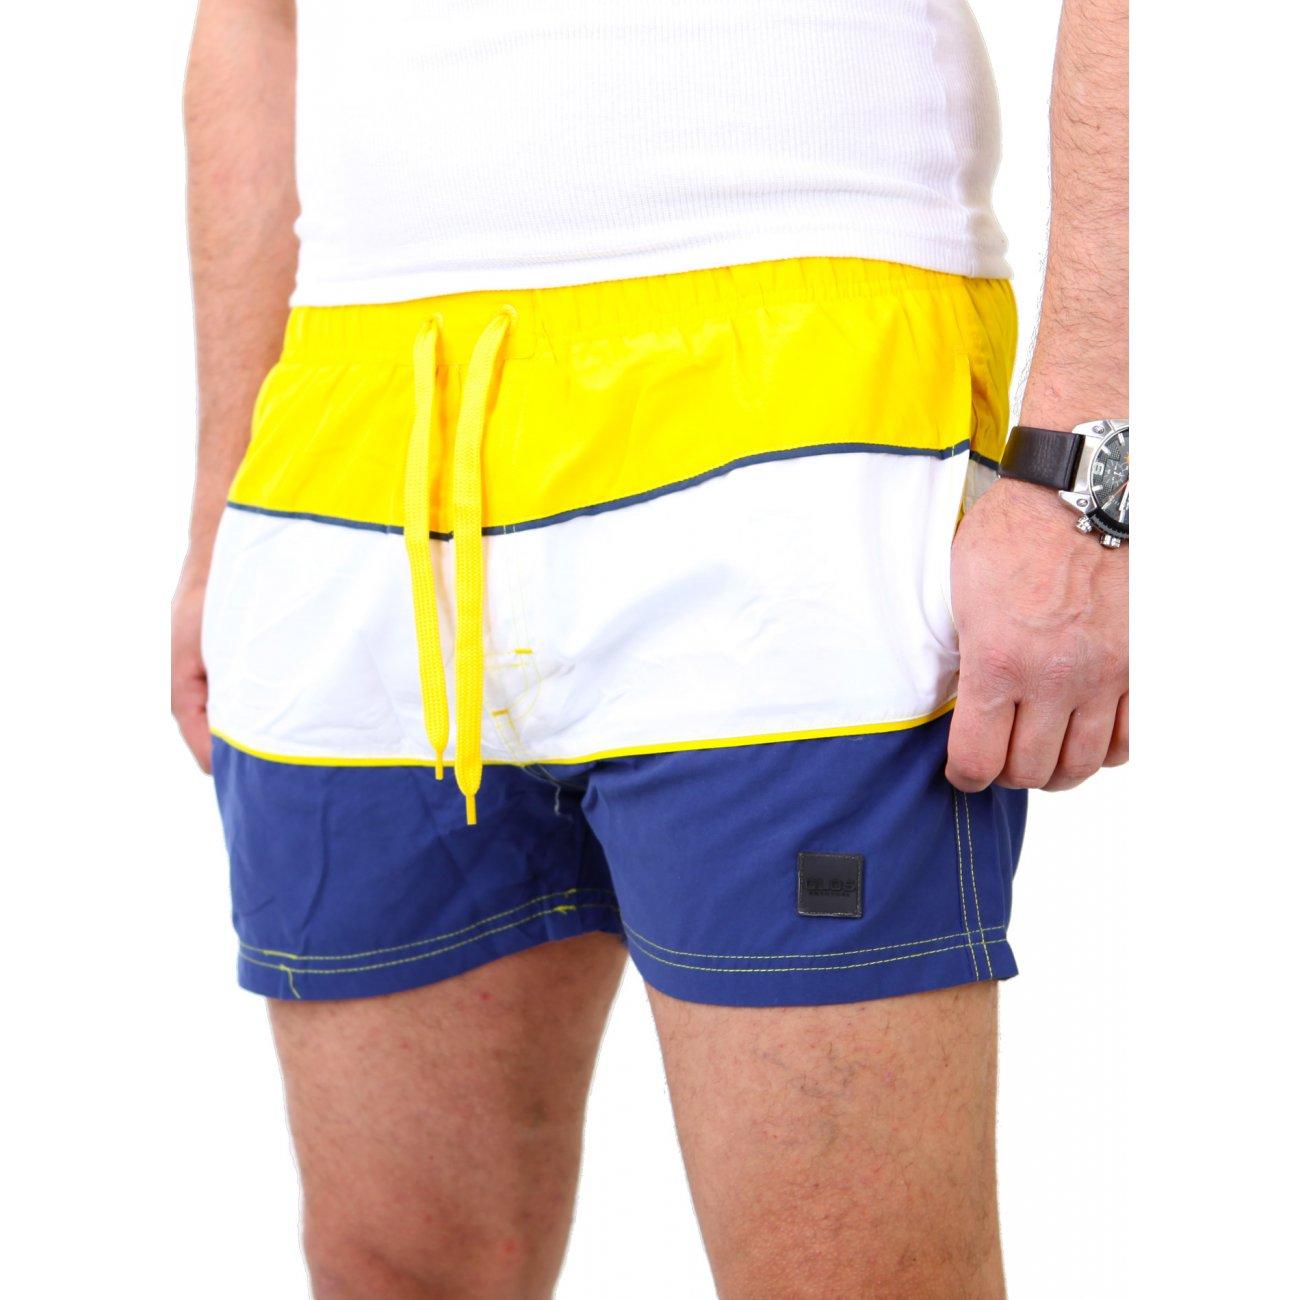 reslad shorts herren badehose schwimmshort bermuda capri rs 8581 gelb. Black Bedroom Furniture Sets. Home Design Ideas